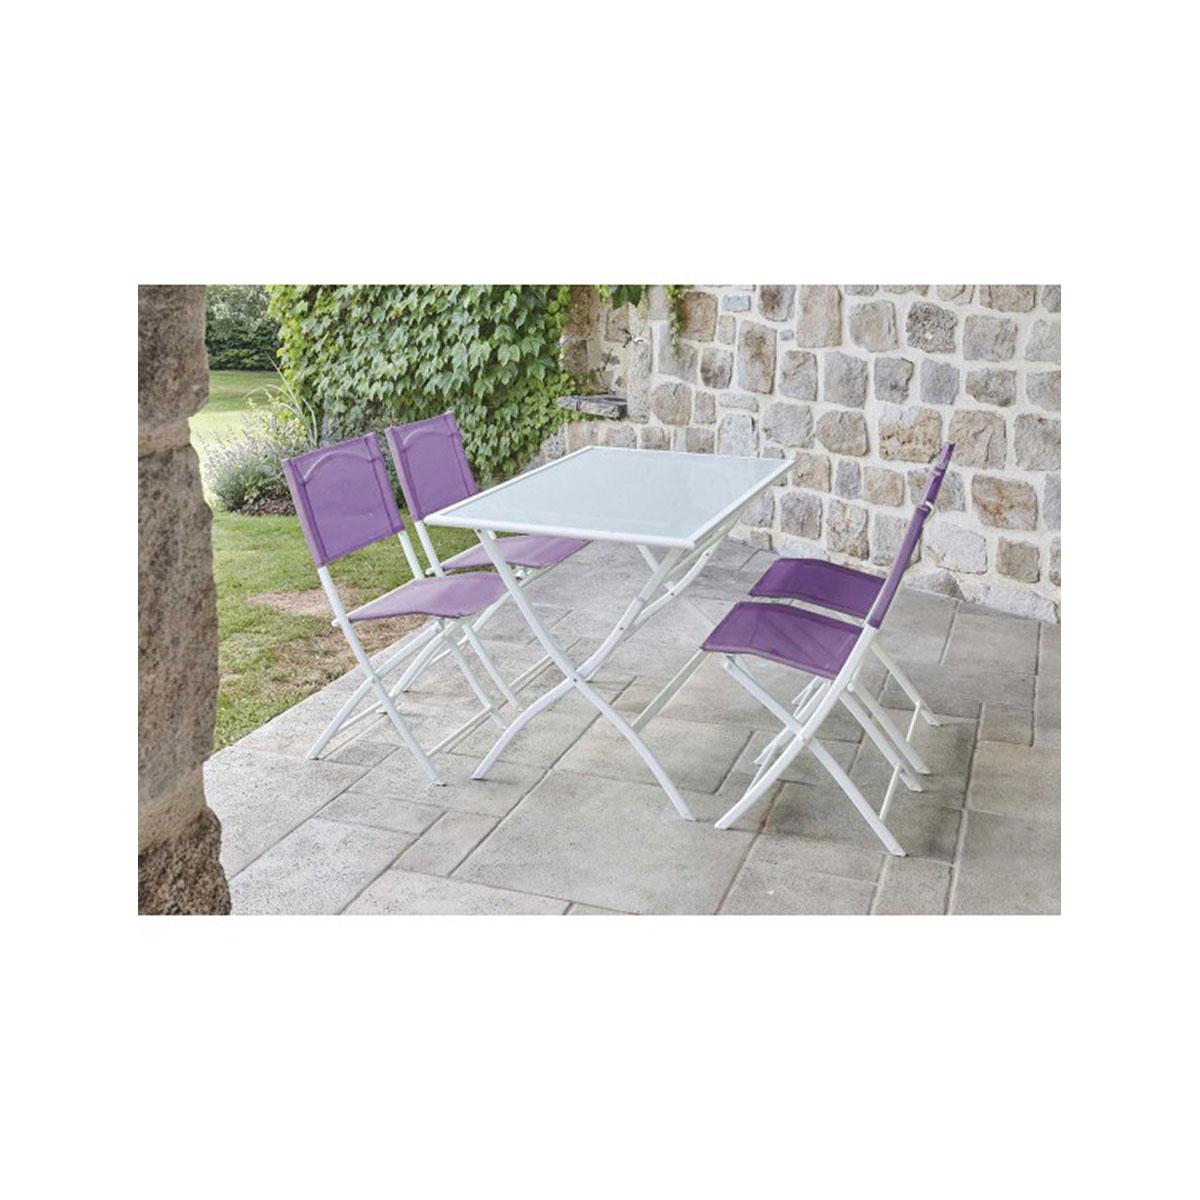 Ensemble de jardin pliant à chaises colorées - Aubergine - 110 x70 x 72 cm